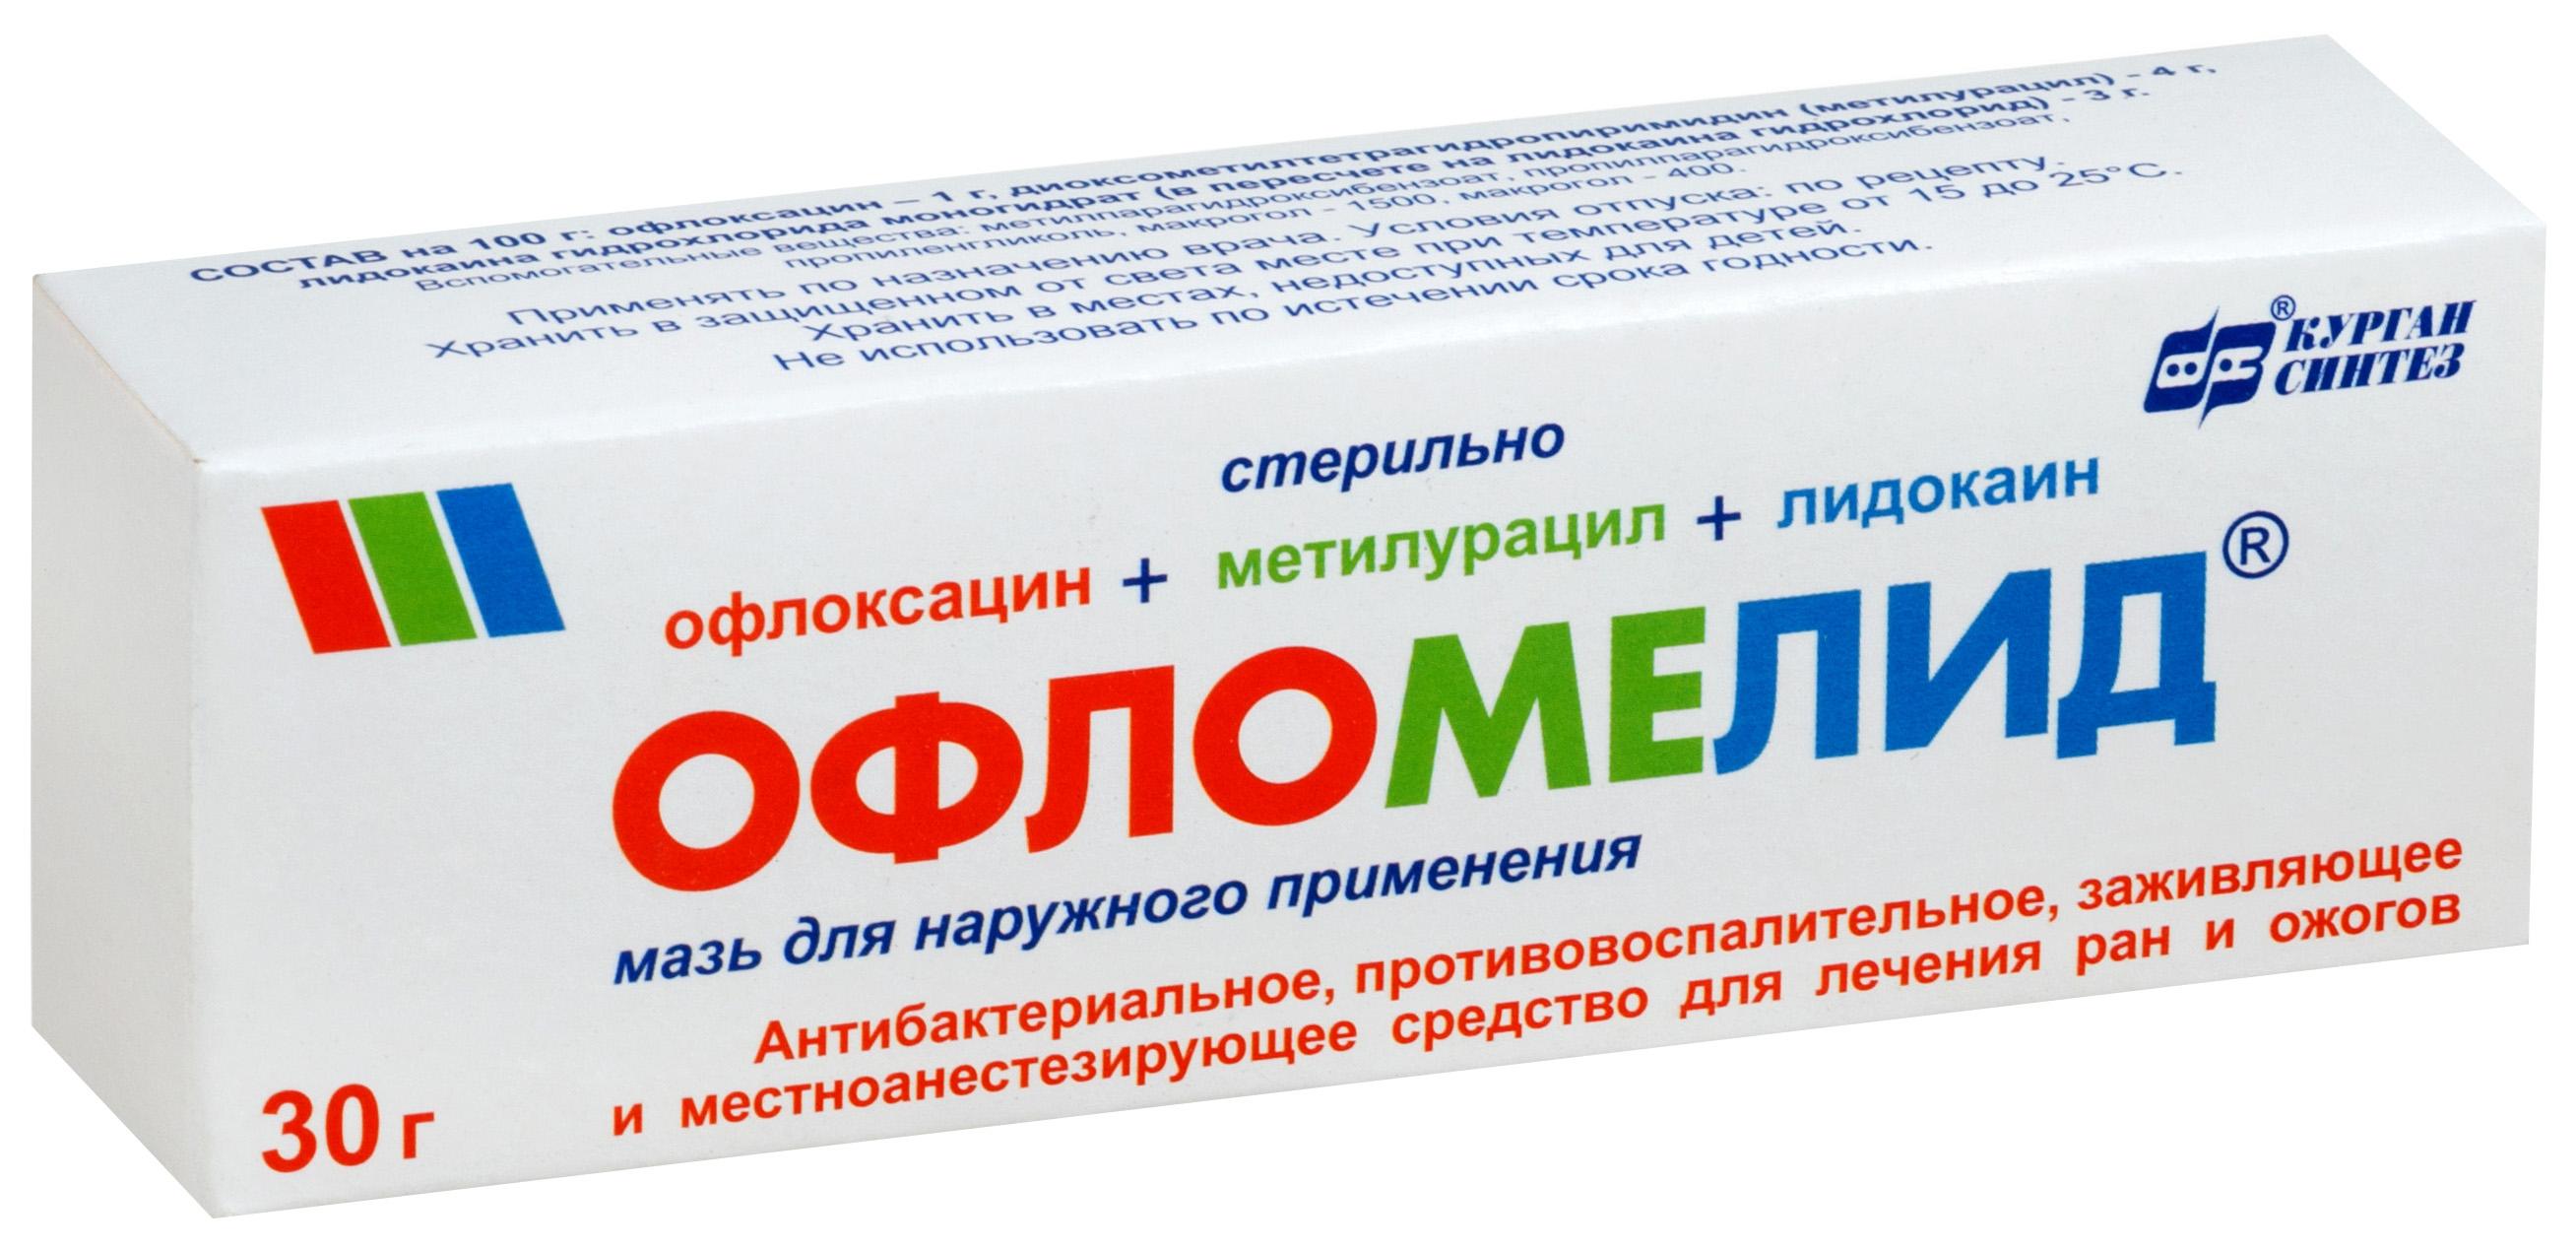 Офломелид мазь для наруж.прим.туба 30 г